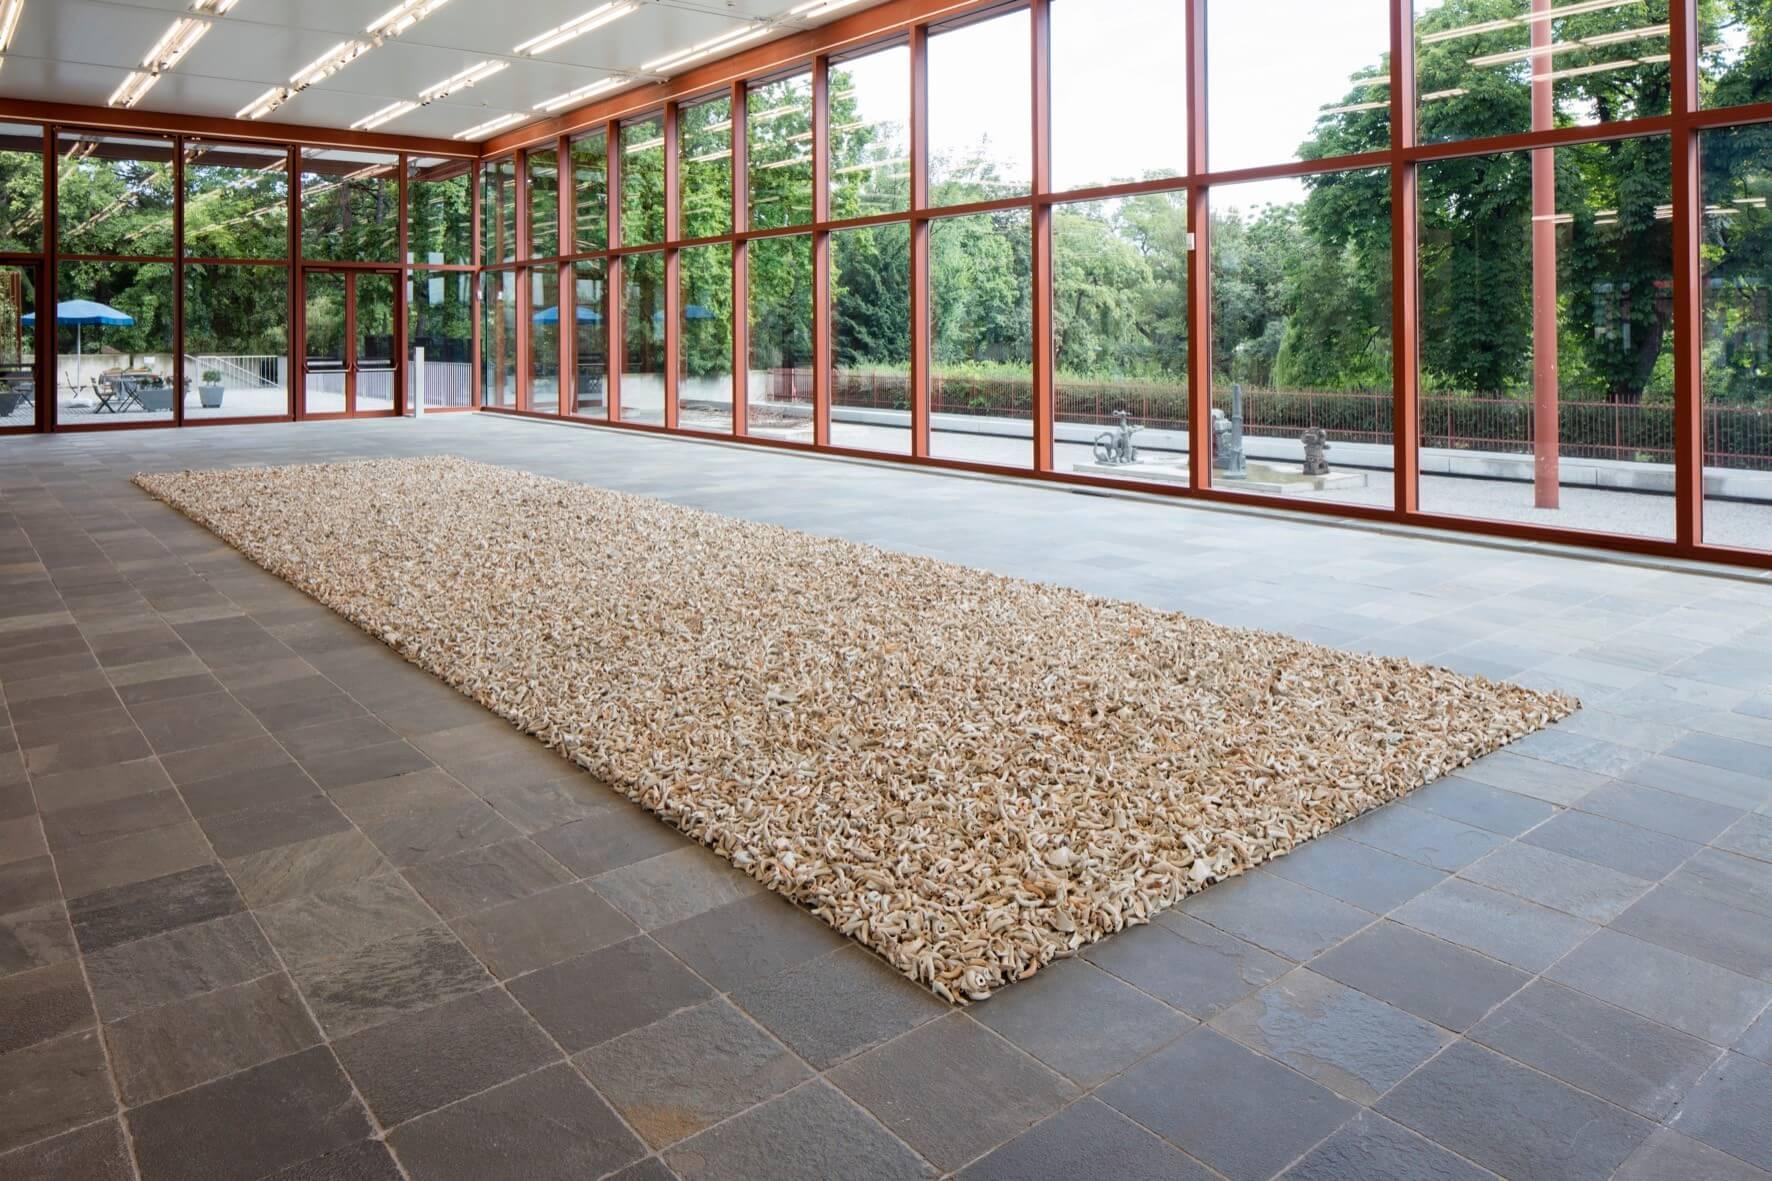 © Ai Weiwei Studio, Foto: © Belvedere, Wien 100.000 antike Teekannenschnäbel aus Keramik von den Song bis Qing Dynastien; Installationsmaße: 1400 x 400 cm